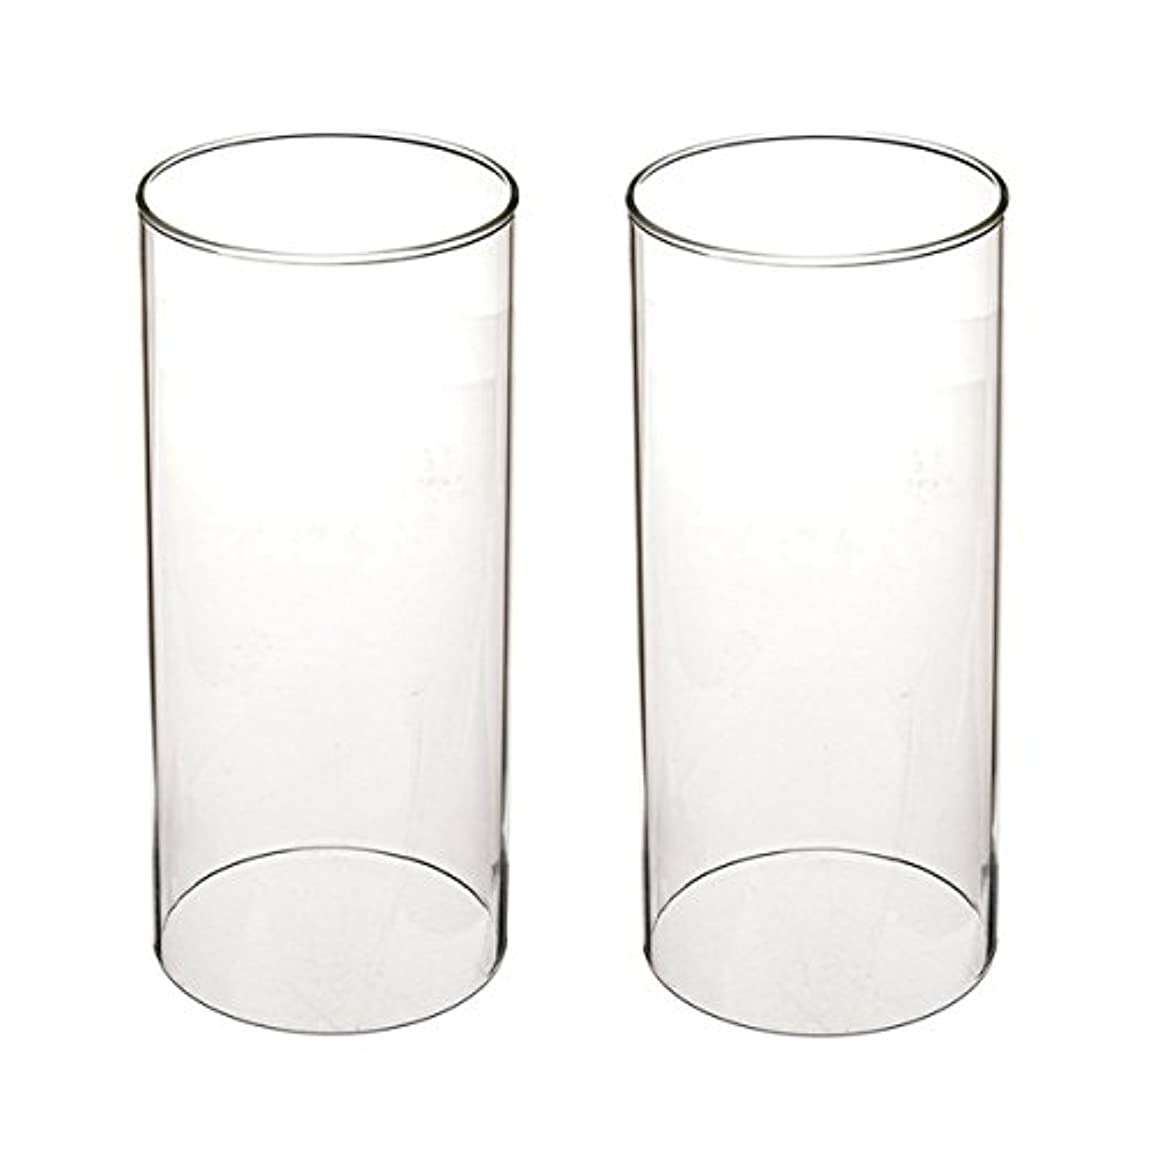 に向けて出発テクニカル間違いガラス煙突for Candleオープンエンド、ホウケイ酸ガラス( d3 h8